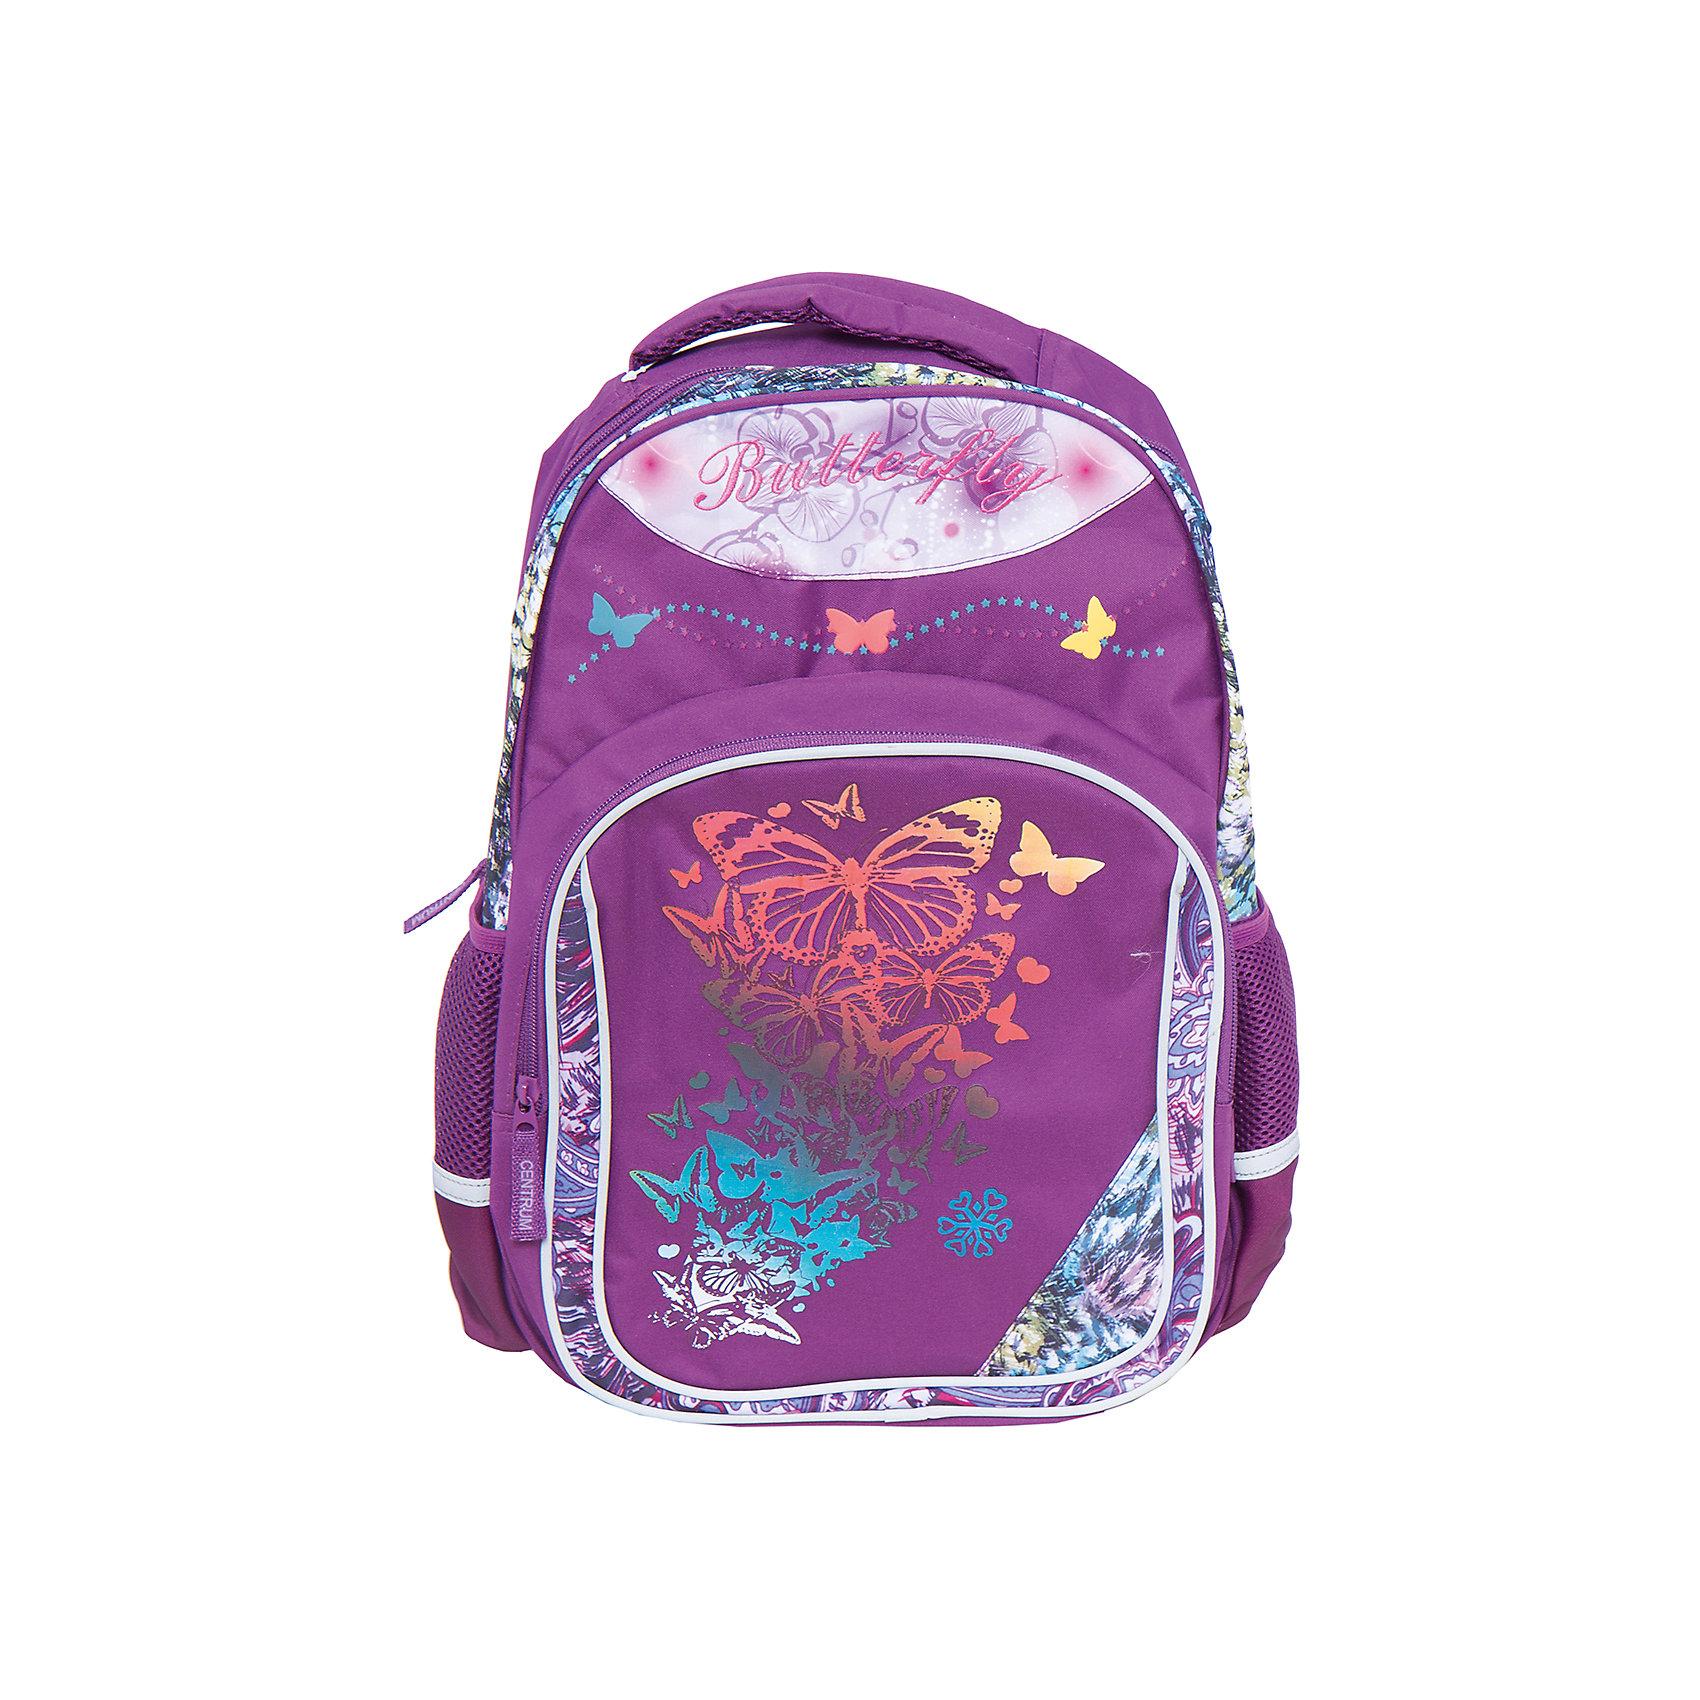 Школьный рюкзакШкольные рюкзаки<br>Школьный рюкзак, CENTRUM (Центрум) ? рюкзак отечественного бренда детской серии. Рюкзаки этой серии выполнены из непромокаемого и прочного полиэстера высокого качества, отличаются легким весом. <br>Внутреннее устройство рюкзака состоит из одного вместительного отсека. По бокам рюкзака имеются два сетчатых кармана. На передней стенке объемный карман на молнии. Эргономичность рюкзака обеспечивается уплотненной спинкой и широкими регулируемыми лямками. Для удобства переноса рюкзака в руках имеется  ручка-петля. На рюкзаке имеются светоотражающие элементы.<br>Рюкзак выполнен в ярком сливовом дизайне: на передней стенке имеется принт с порхающими разноцветными бабочками.<br>Школьный рюкзак, CENTRUM (Центрум) ? это многофункциональность, качество и удобство использования. <br><br>Дополнительная информация:<br><br>- Вес: 425 г<br>- Габариты (Д*Г*В): 14*29,5*40,5 см<br>- Цвет: сливовый, голубой, красный <br>- Материал: полиэстер<br>- Сезон: круглый год<br>- Коллекция: детская<br>- Пол: женский<br>- Предназначение: для школы, для занятий спортом, для путешествий <br>- Особенности ухода: можно чистить влажной щеткой или губкой<br><br>Подробнее:<br><br>• Для детей в возрасте: от 3 лет и до 10 лет<br>• Страна производитель: Китай<br>• Торговый бренд: CENTRUM<br><br>Школьный рюкзак, CENTRUM (Центрум) можно купить в нашем интернет-магазине.<br><br>Ширина мм: 140<br>Глубина мм: 295<br>Высота мм: 405<br>Вес г: 570<br>Возраст от месяцев: 72<br>Возраст до месяцев: 120<br>Пол: Мужской<br>Возраст: Детский<br>SKU: 4865228